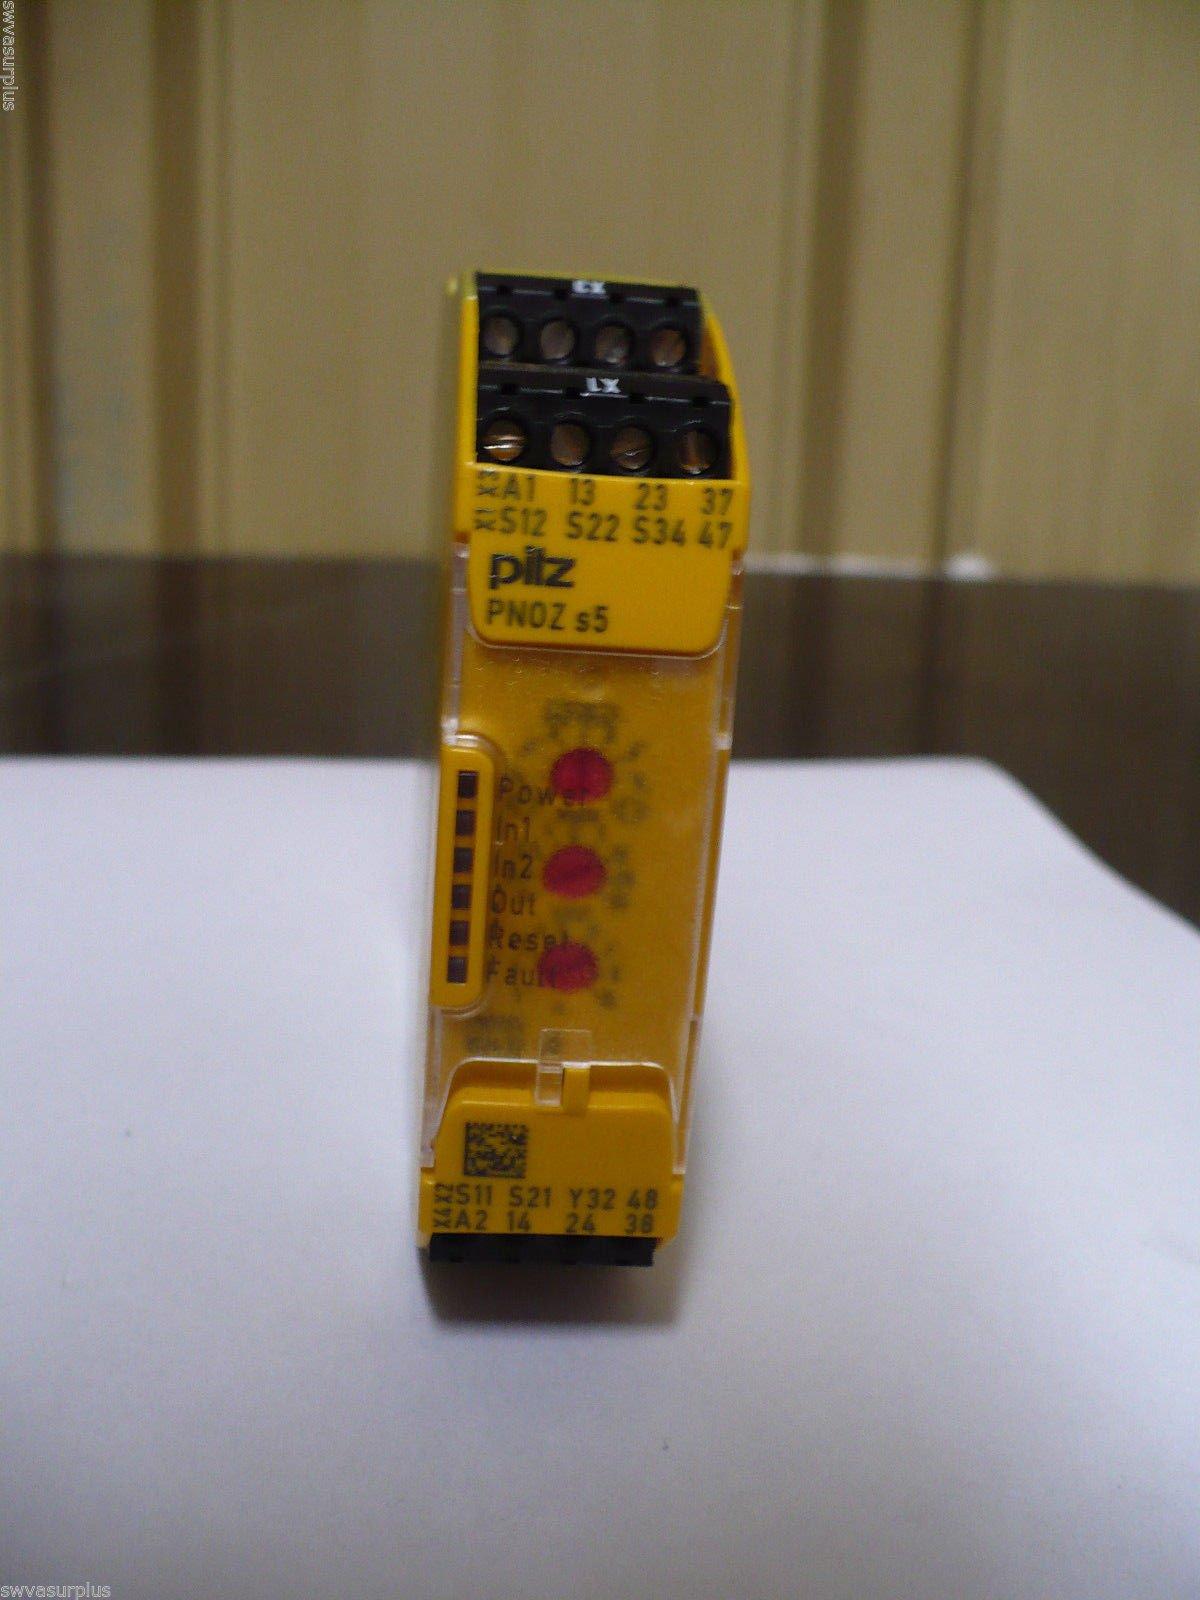 Pilz Pnoz s5 Safety Relay, 750135, 48-240V Ac/Dc,